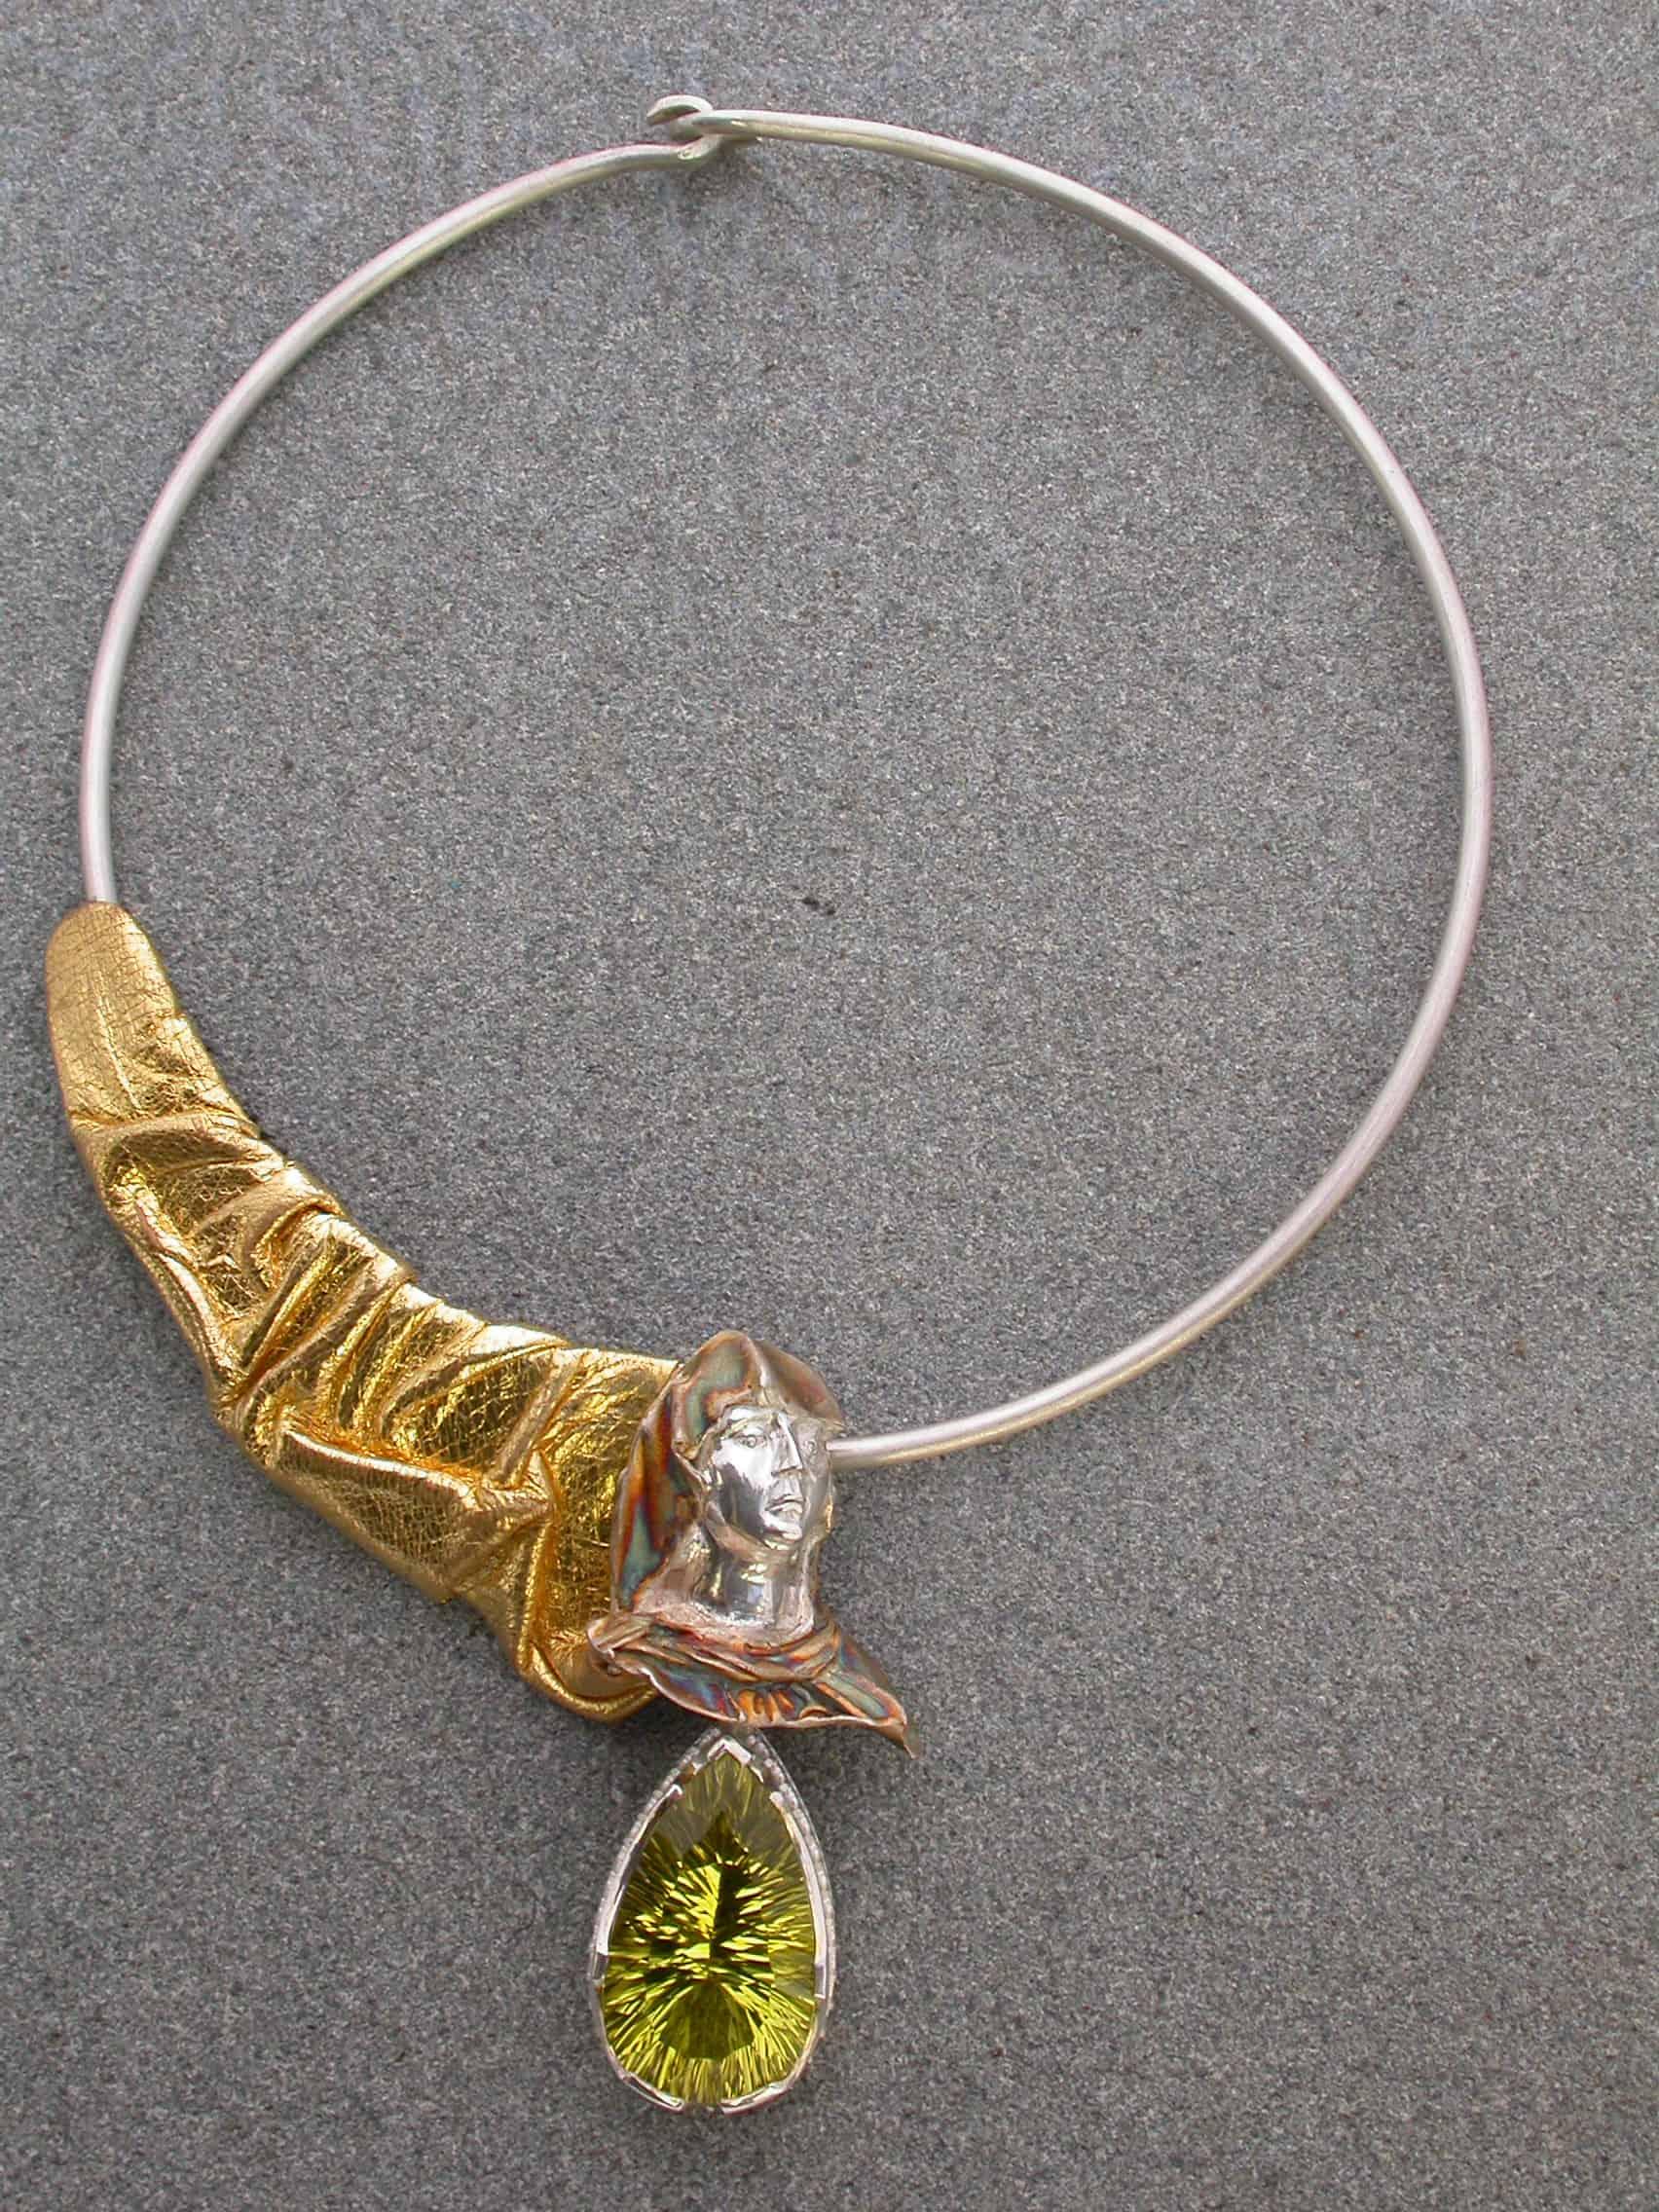 Unique necklaces urška, sterling silver, lemon citrine, leather gilded